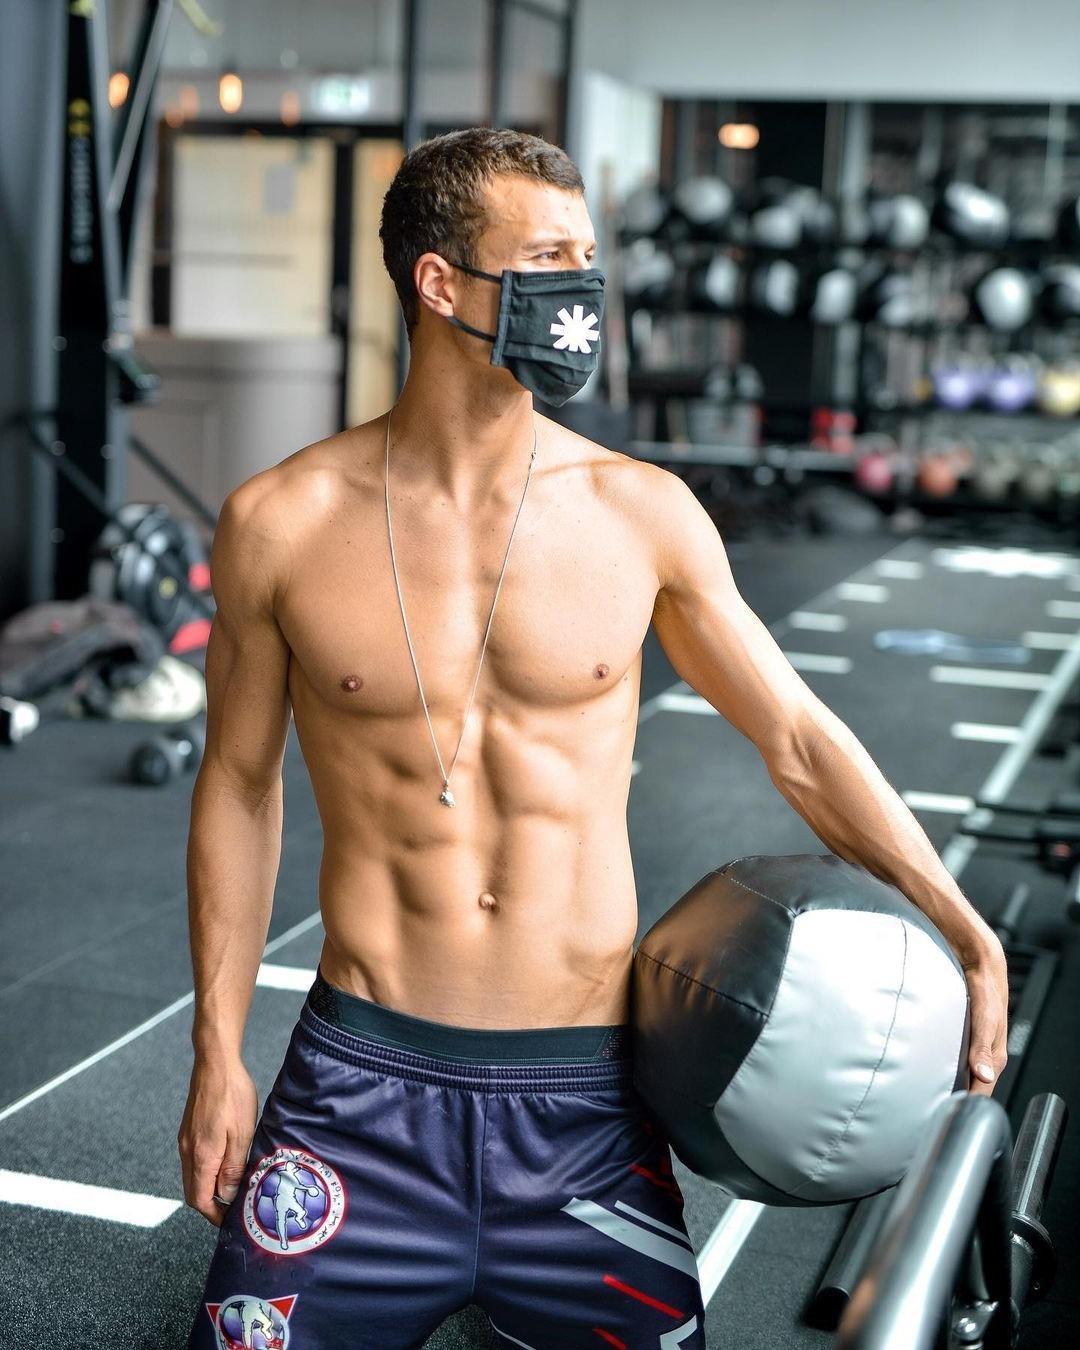 hot-guys-wearing-face-masks-torben-konig-gym-jock-shirtless-slim-fit-body-hunk